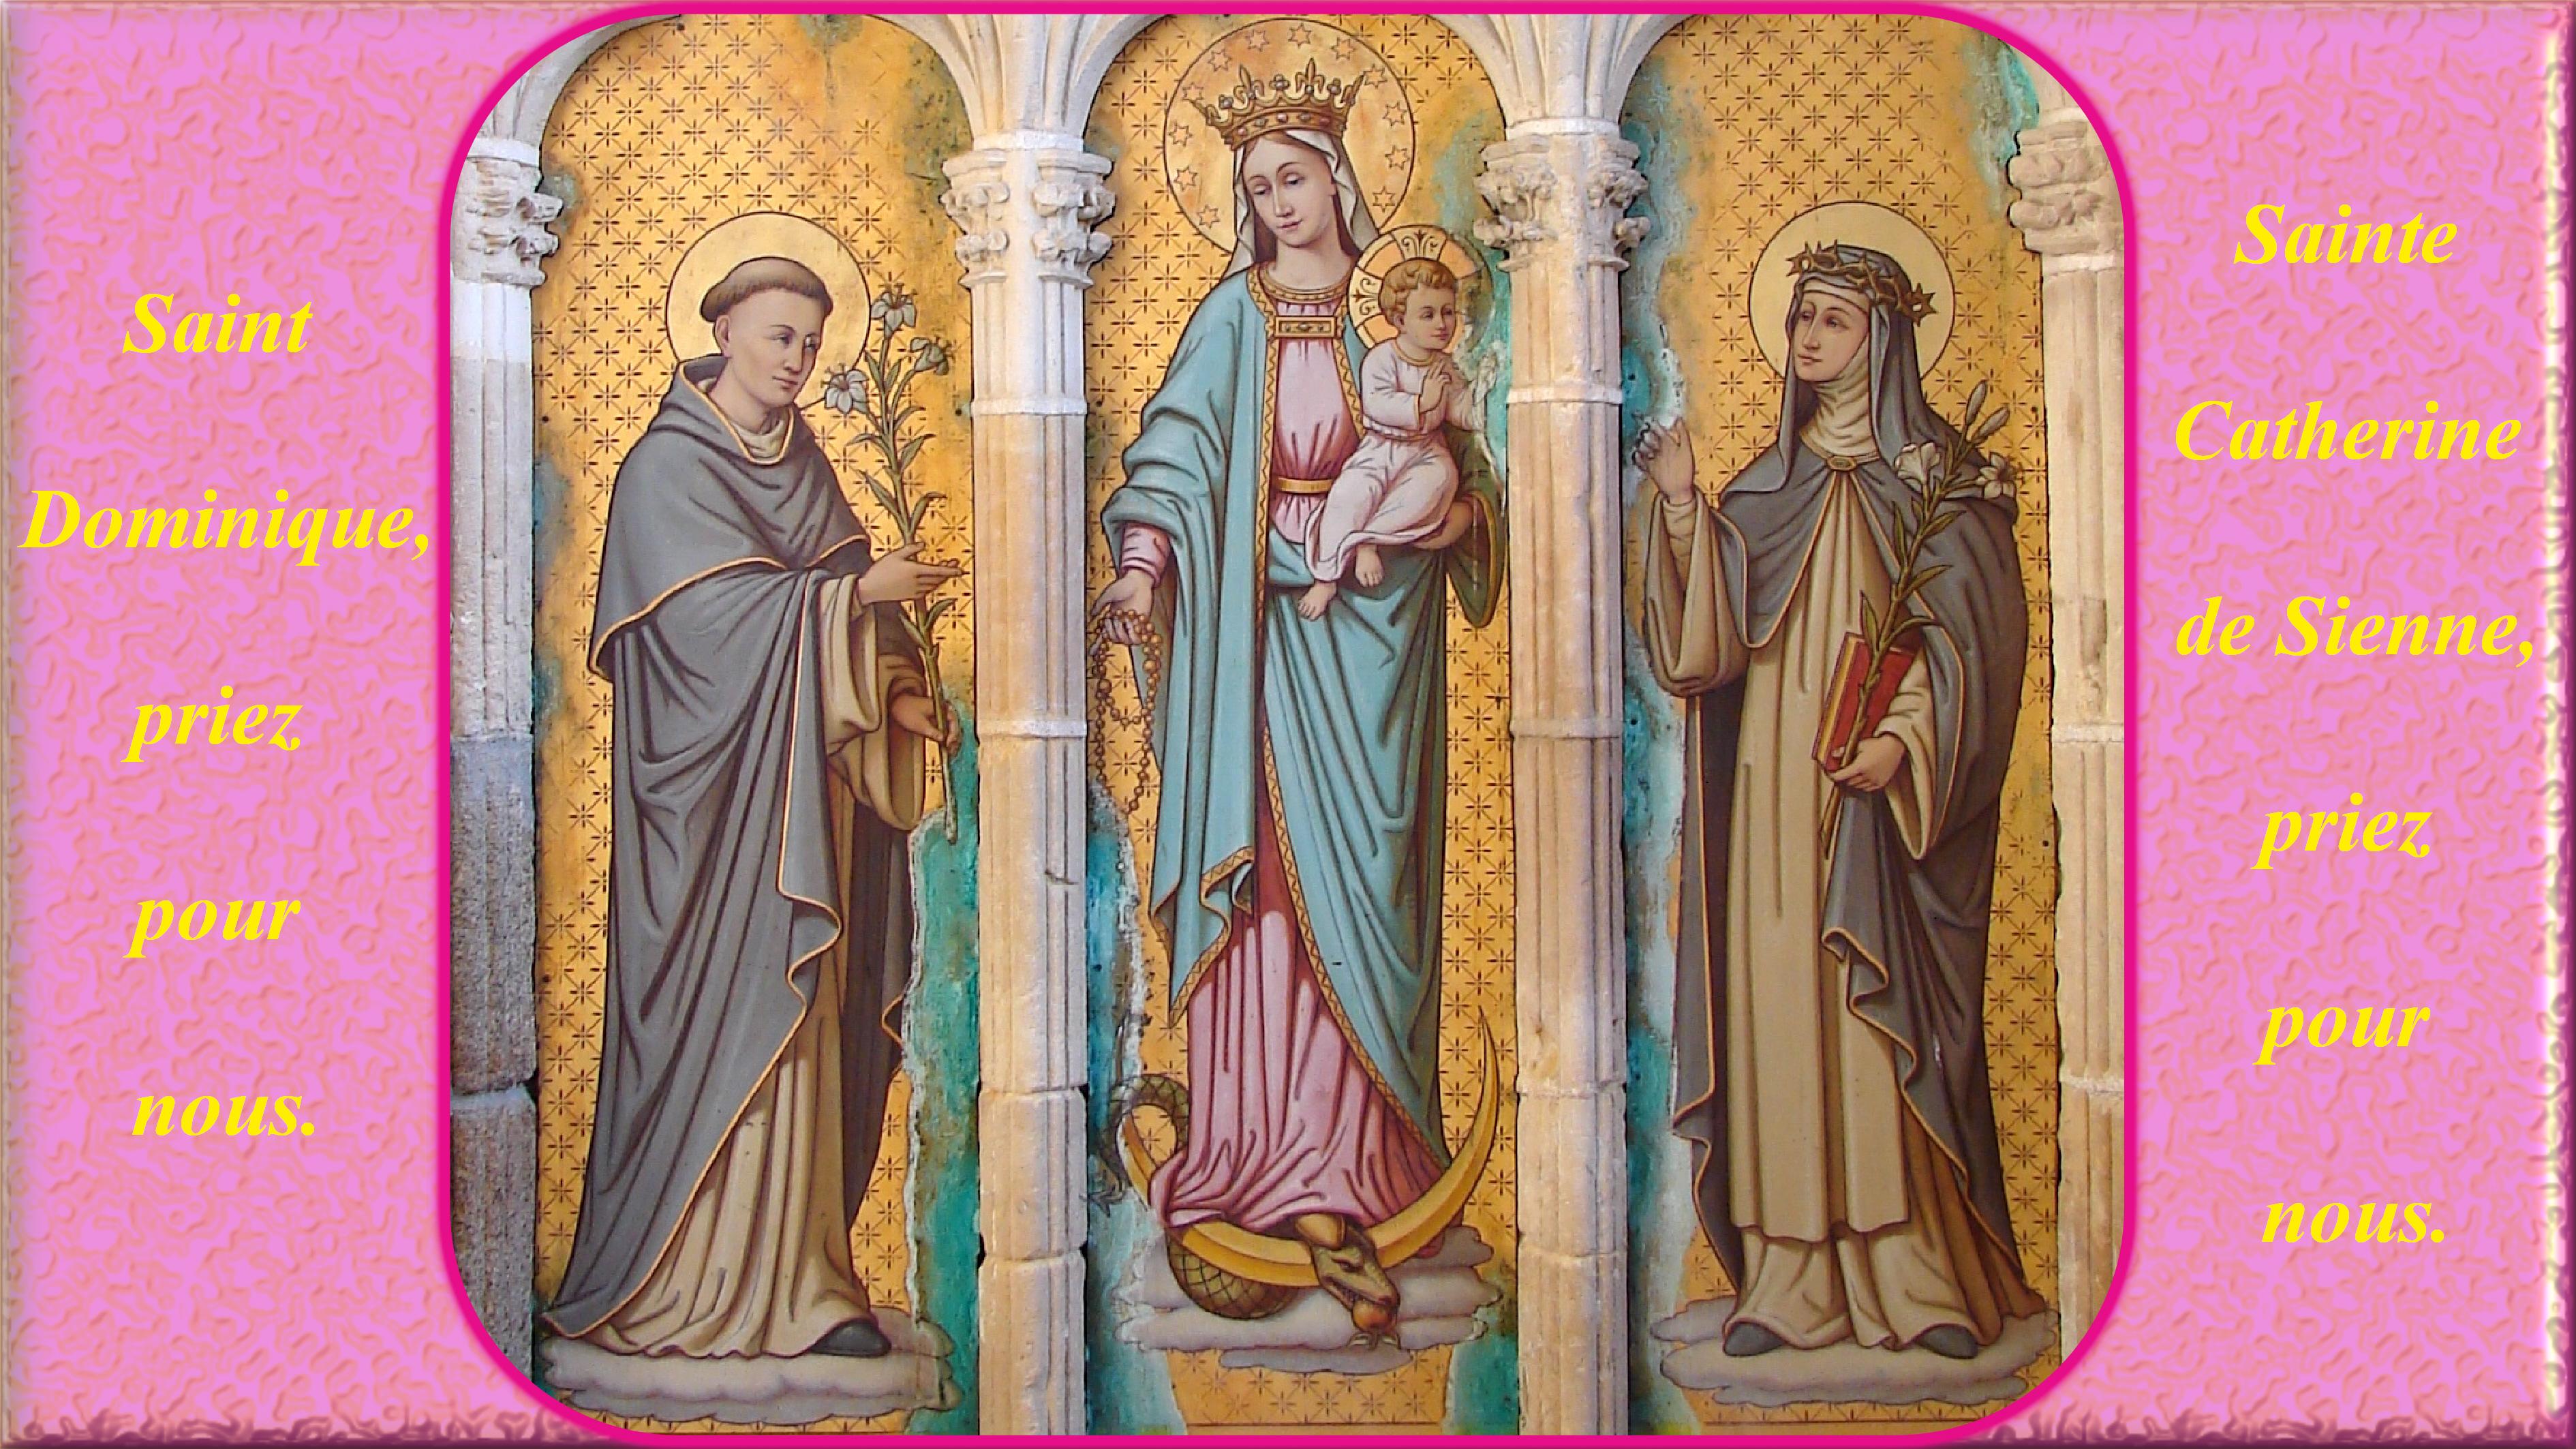 Le Rosaire en Images Notre-dame-du-ros...e-sienne-55776de